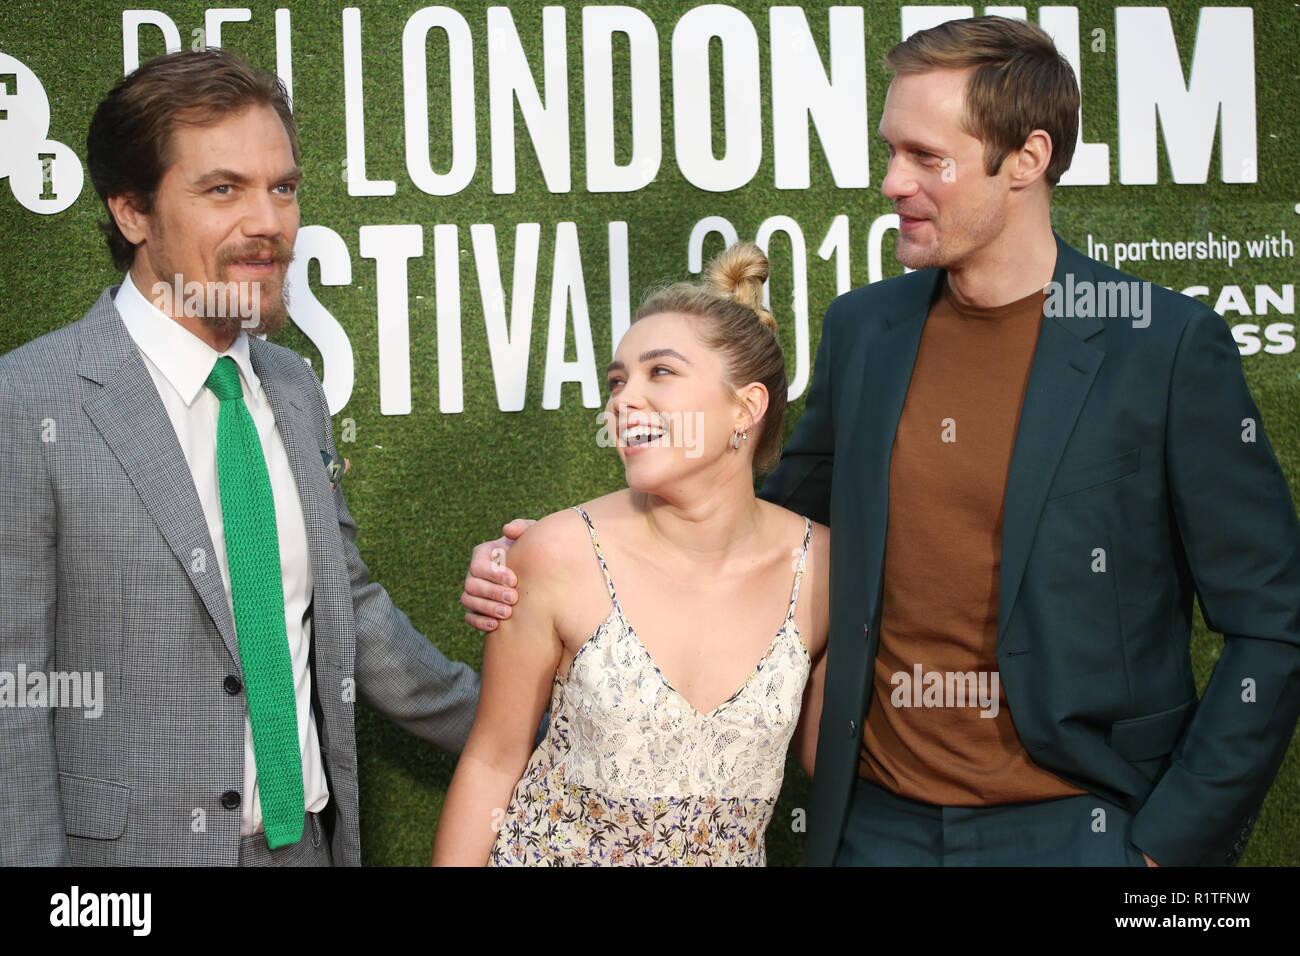 BFI London Film Festival The Little Drummer Girl premiere - Arrivées avec: Michael Shannon, Florence Pugh, Alexander Skarsgard Où: London, Royaume-Uni Quand: 14 Oct 2018 Credit: Lia Toby/WENN.com Banque D'Images